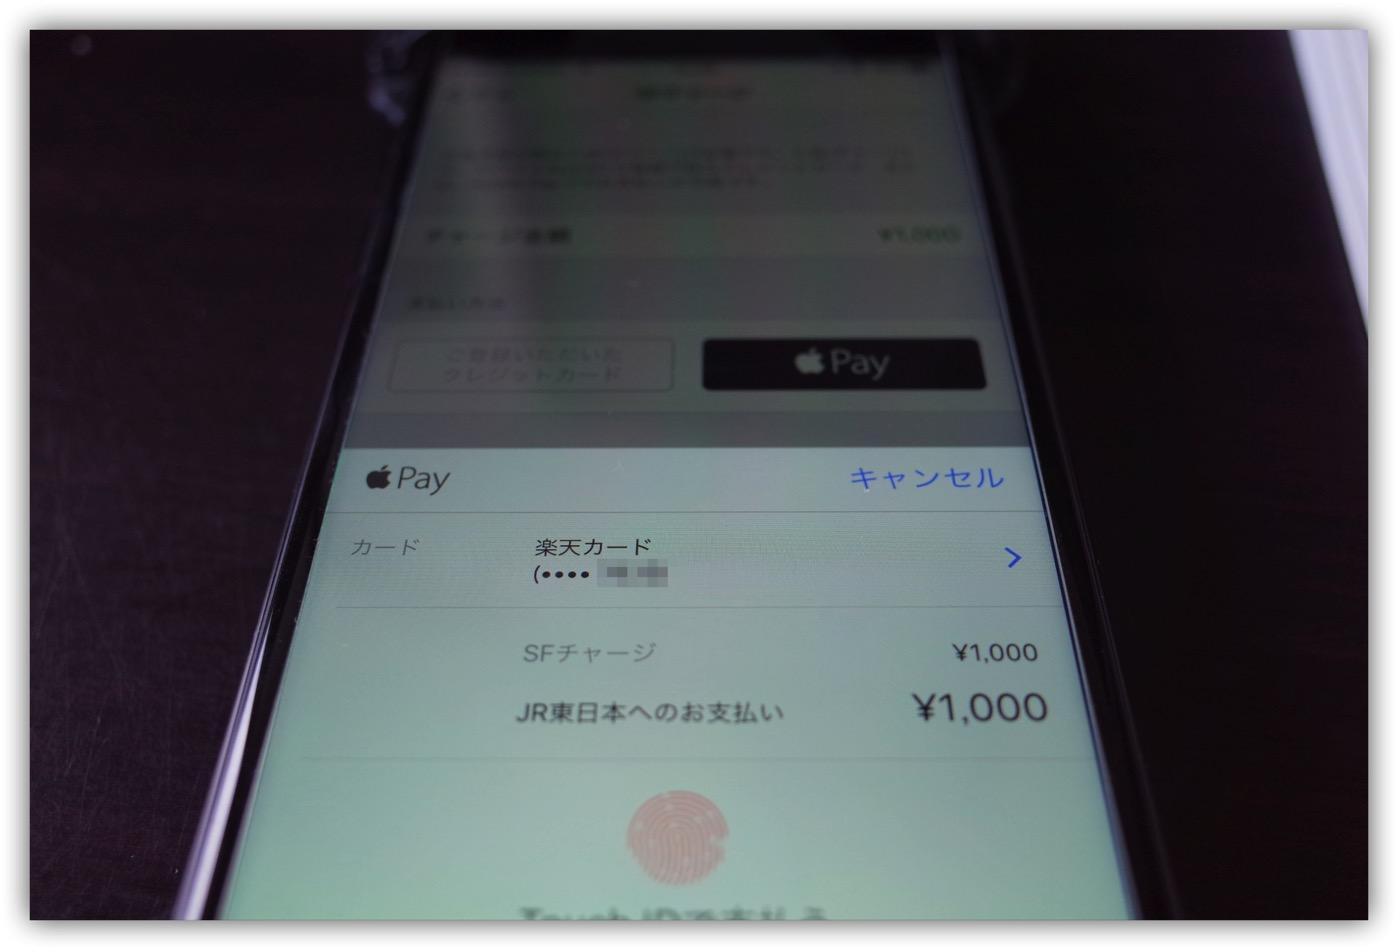 [iPhone]Apple Pay対応Suicaアプリが手持ちクレジットカードに非対応だったため新たに楽天カードを追加したよ